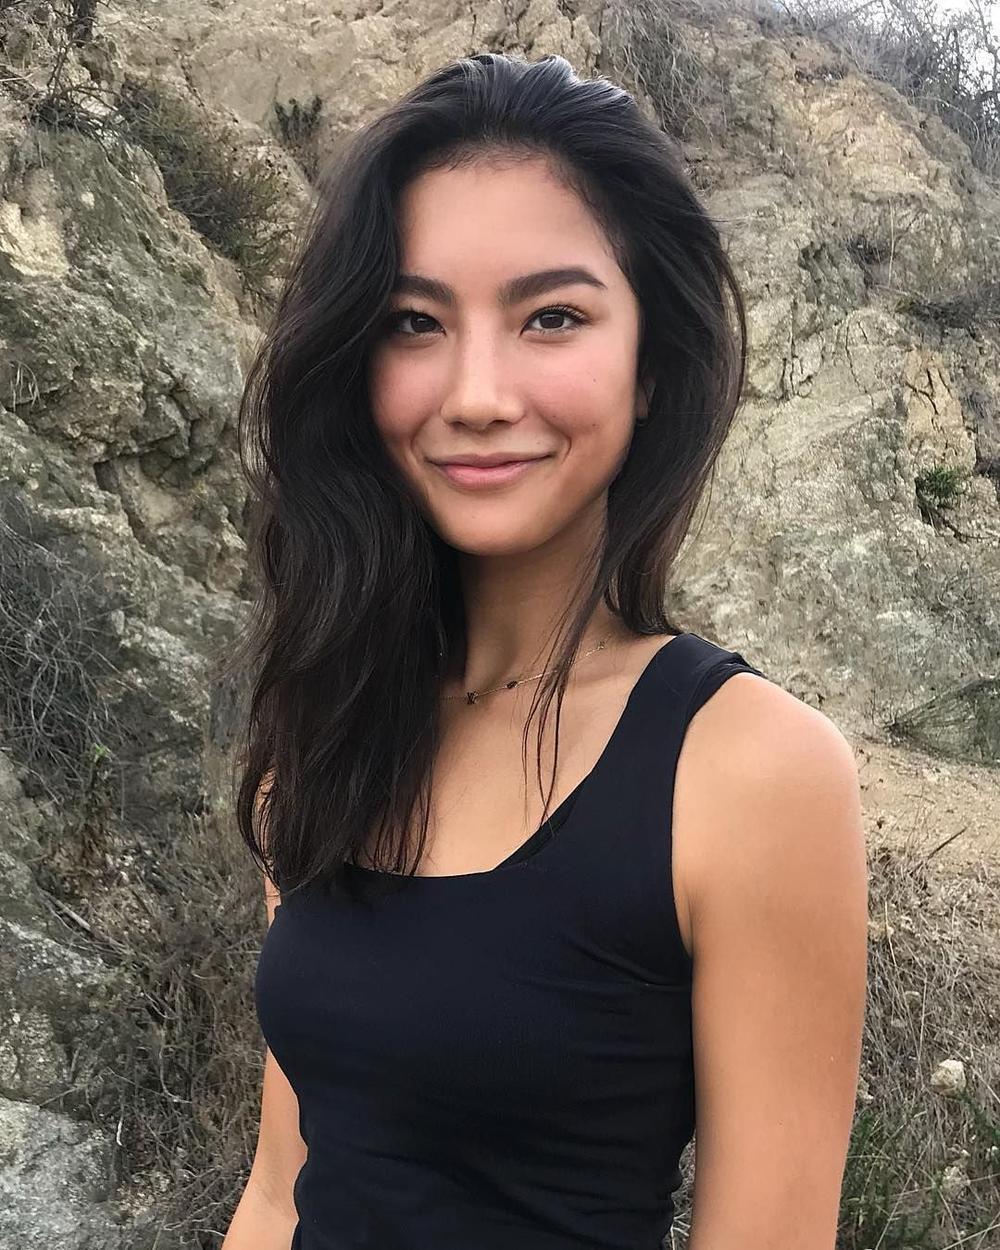 Chân dung Adeline Rudolph - nữ diễn viên vào vai siêu anh hùng người Hàn Quốc Cindy Moon Trong Silk Ảnh 7